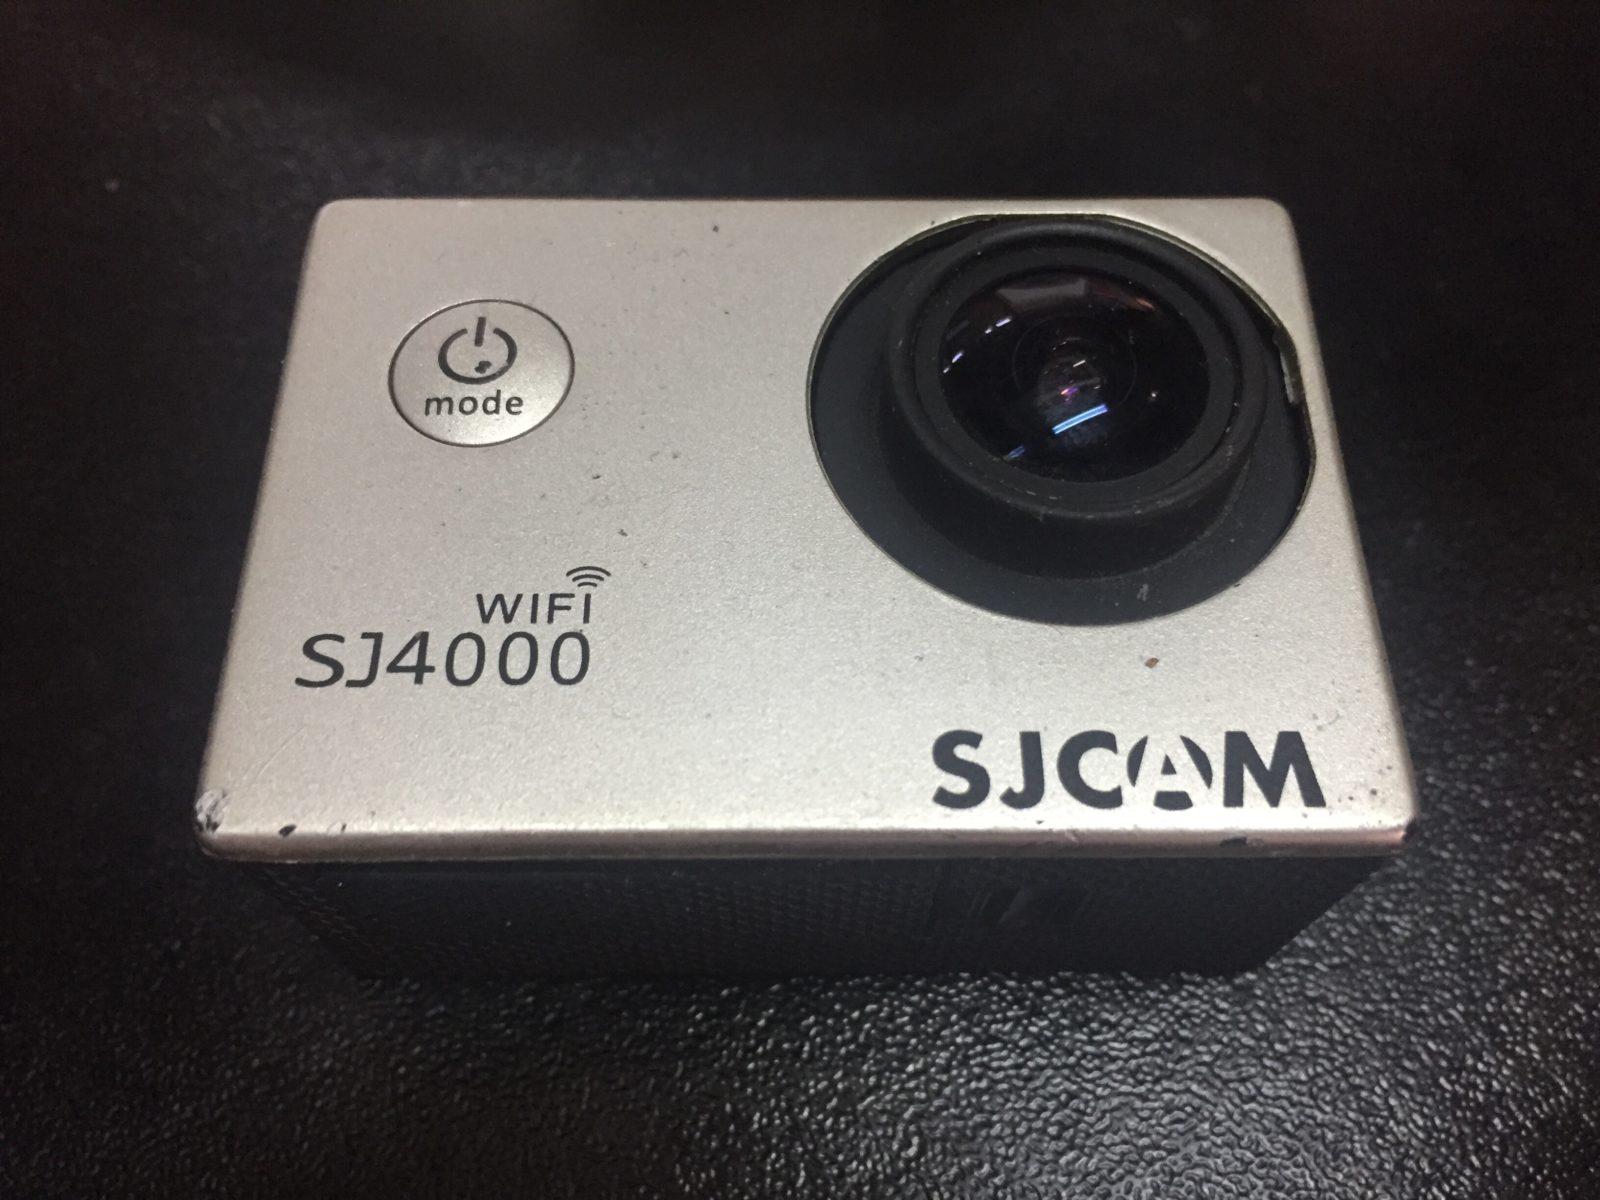 SJCAM ремонт. На SJCAM SJ4000 сломались кнопки. Решено